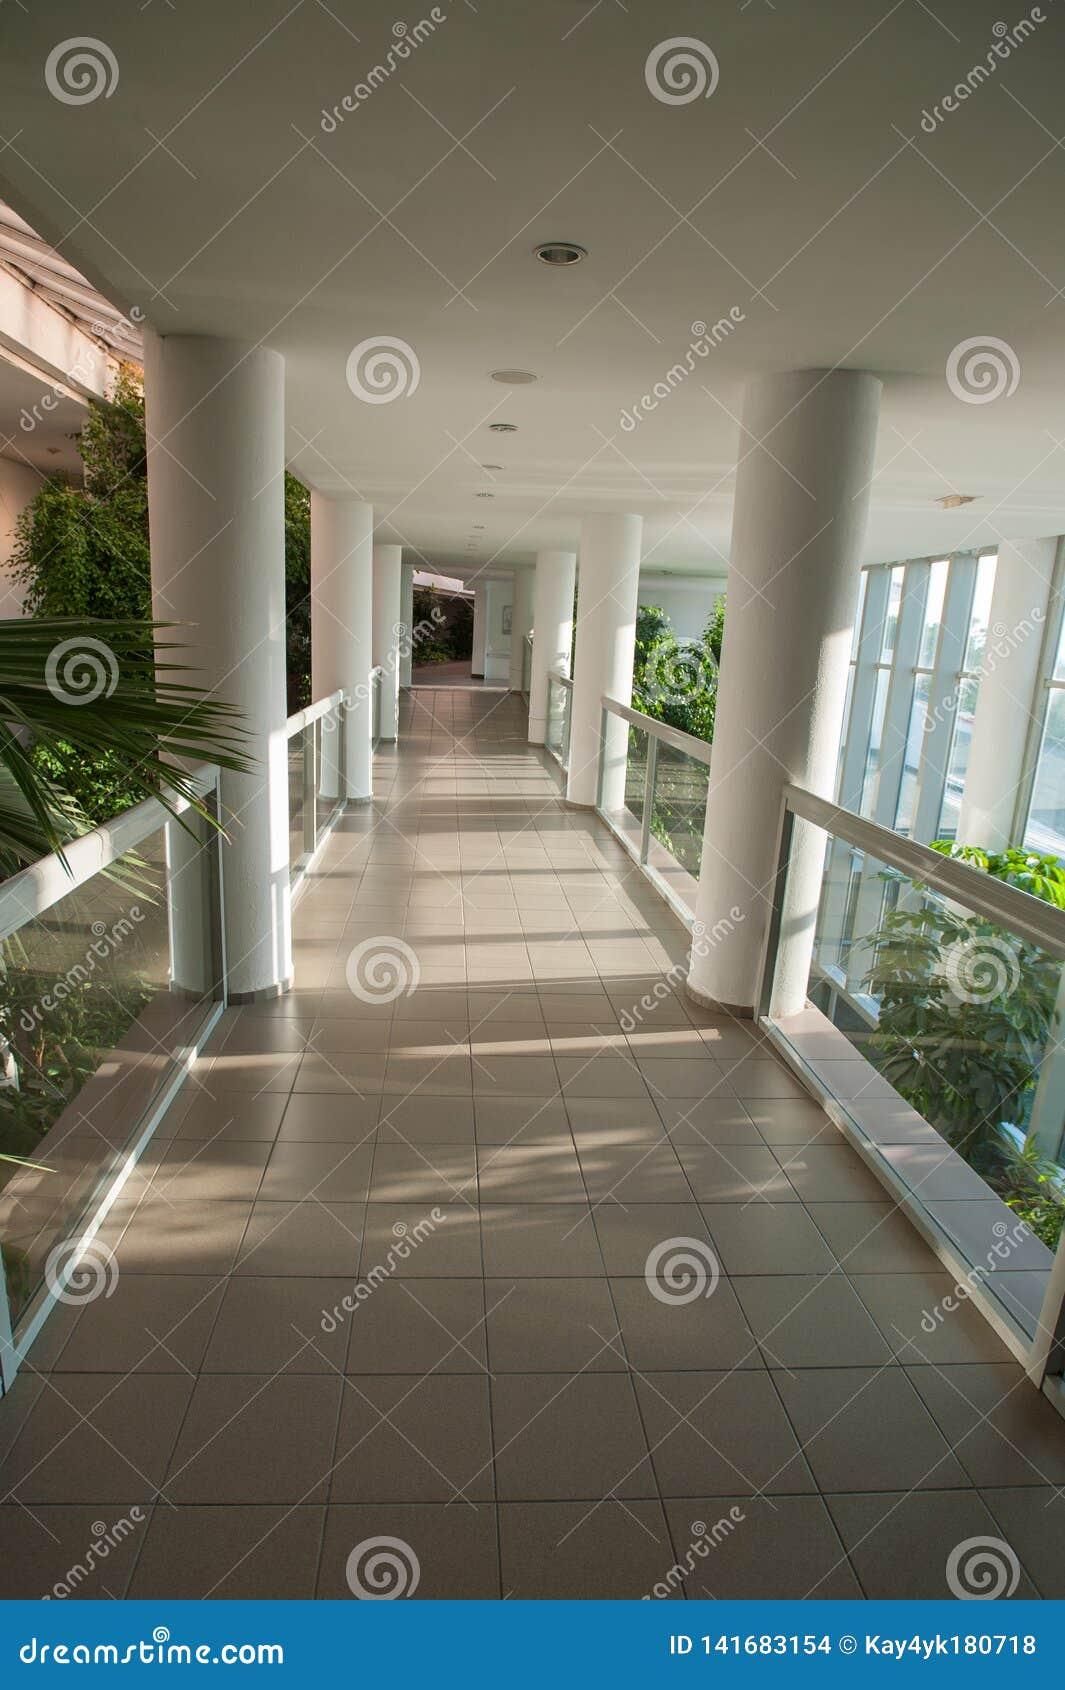 Glasig-glänzender Korridor, Durchgang durch das Gewächshaus, sonniger Korridor